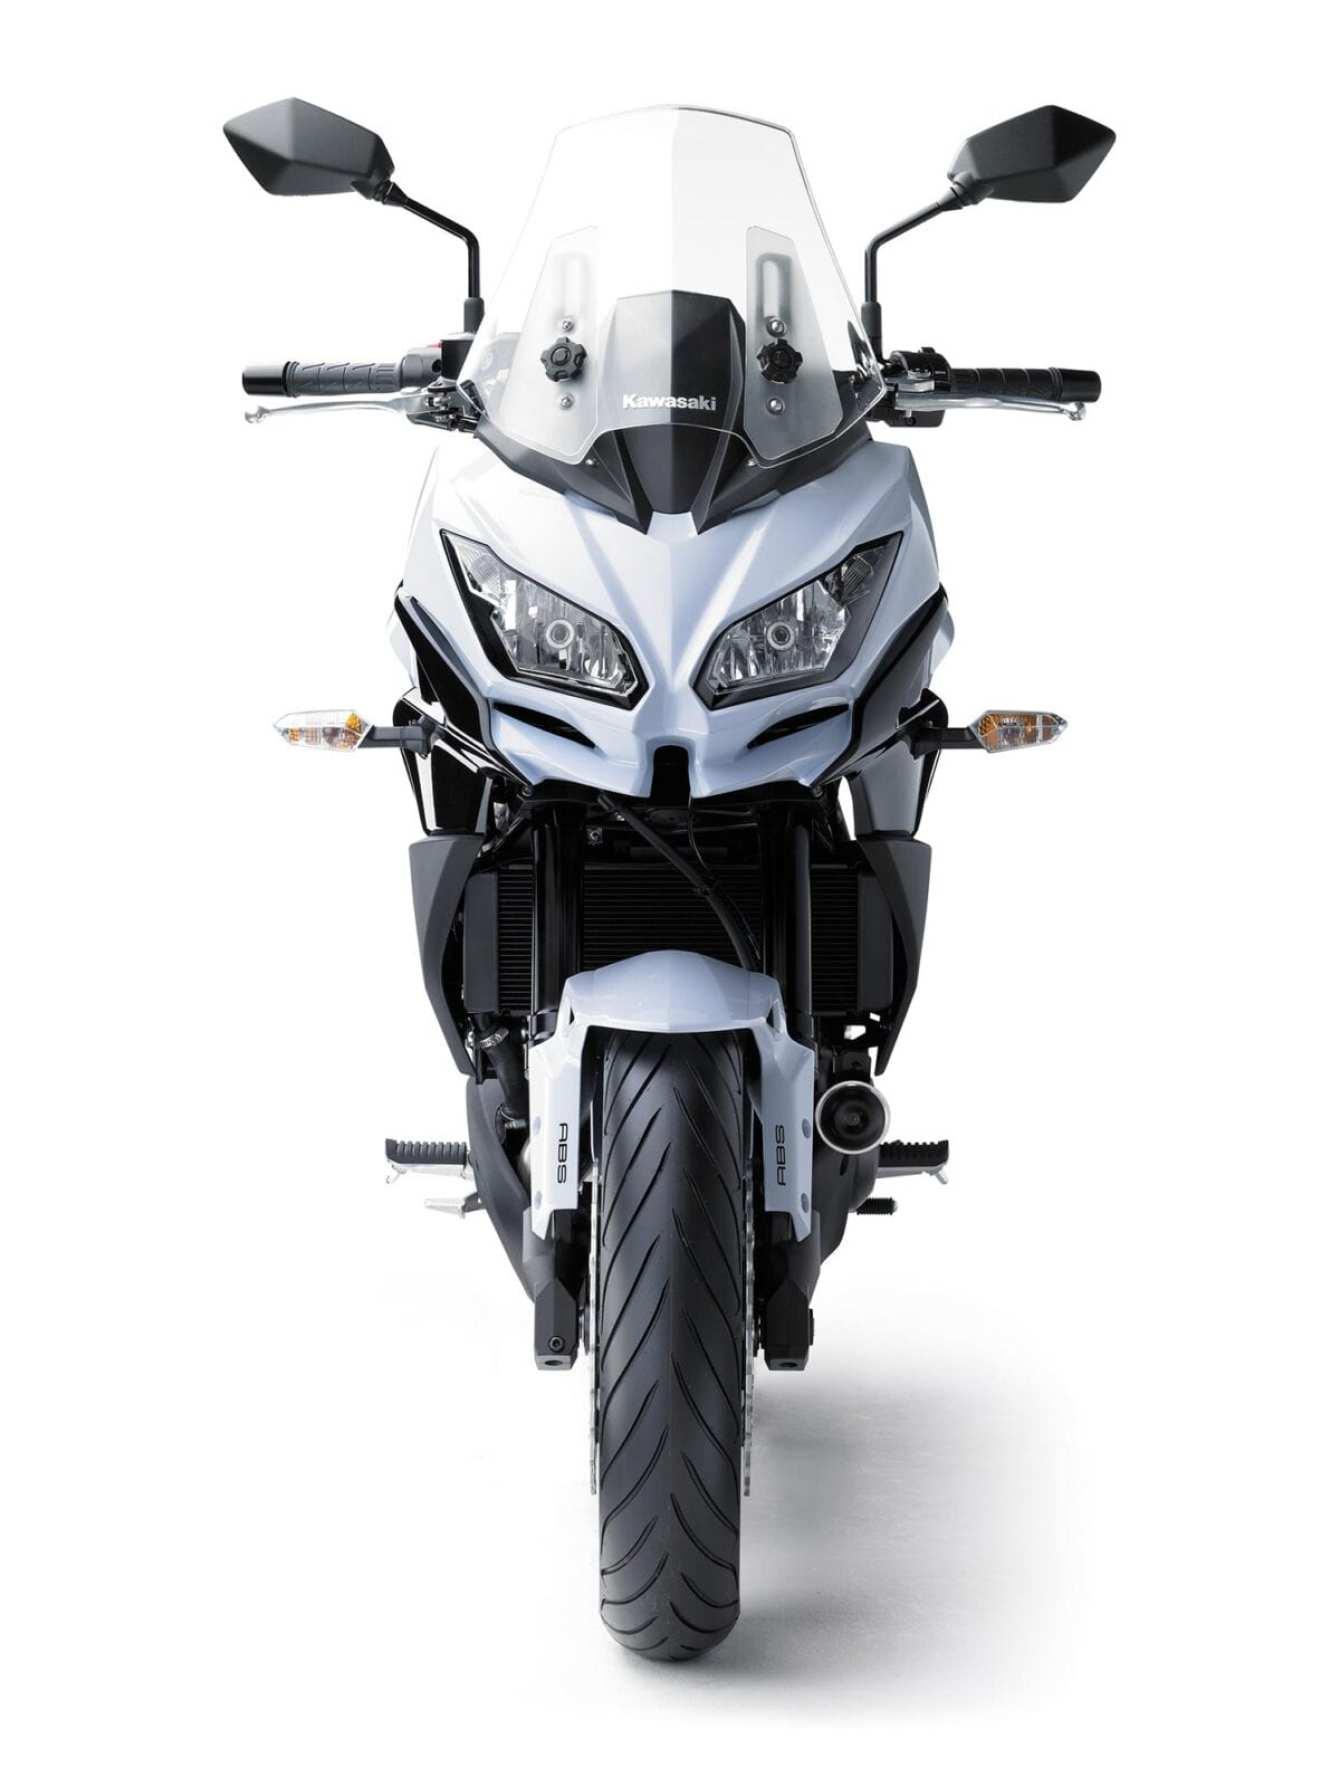 Kawasaki-Versys-650-0005